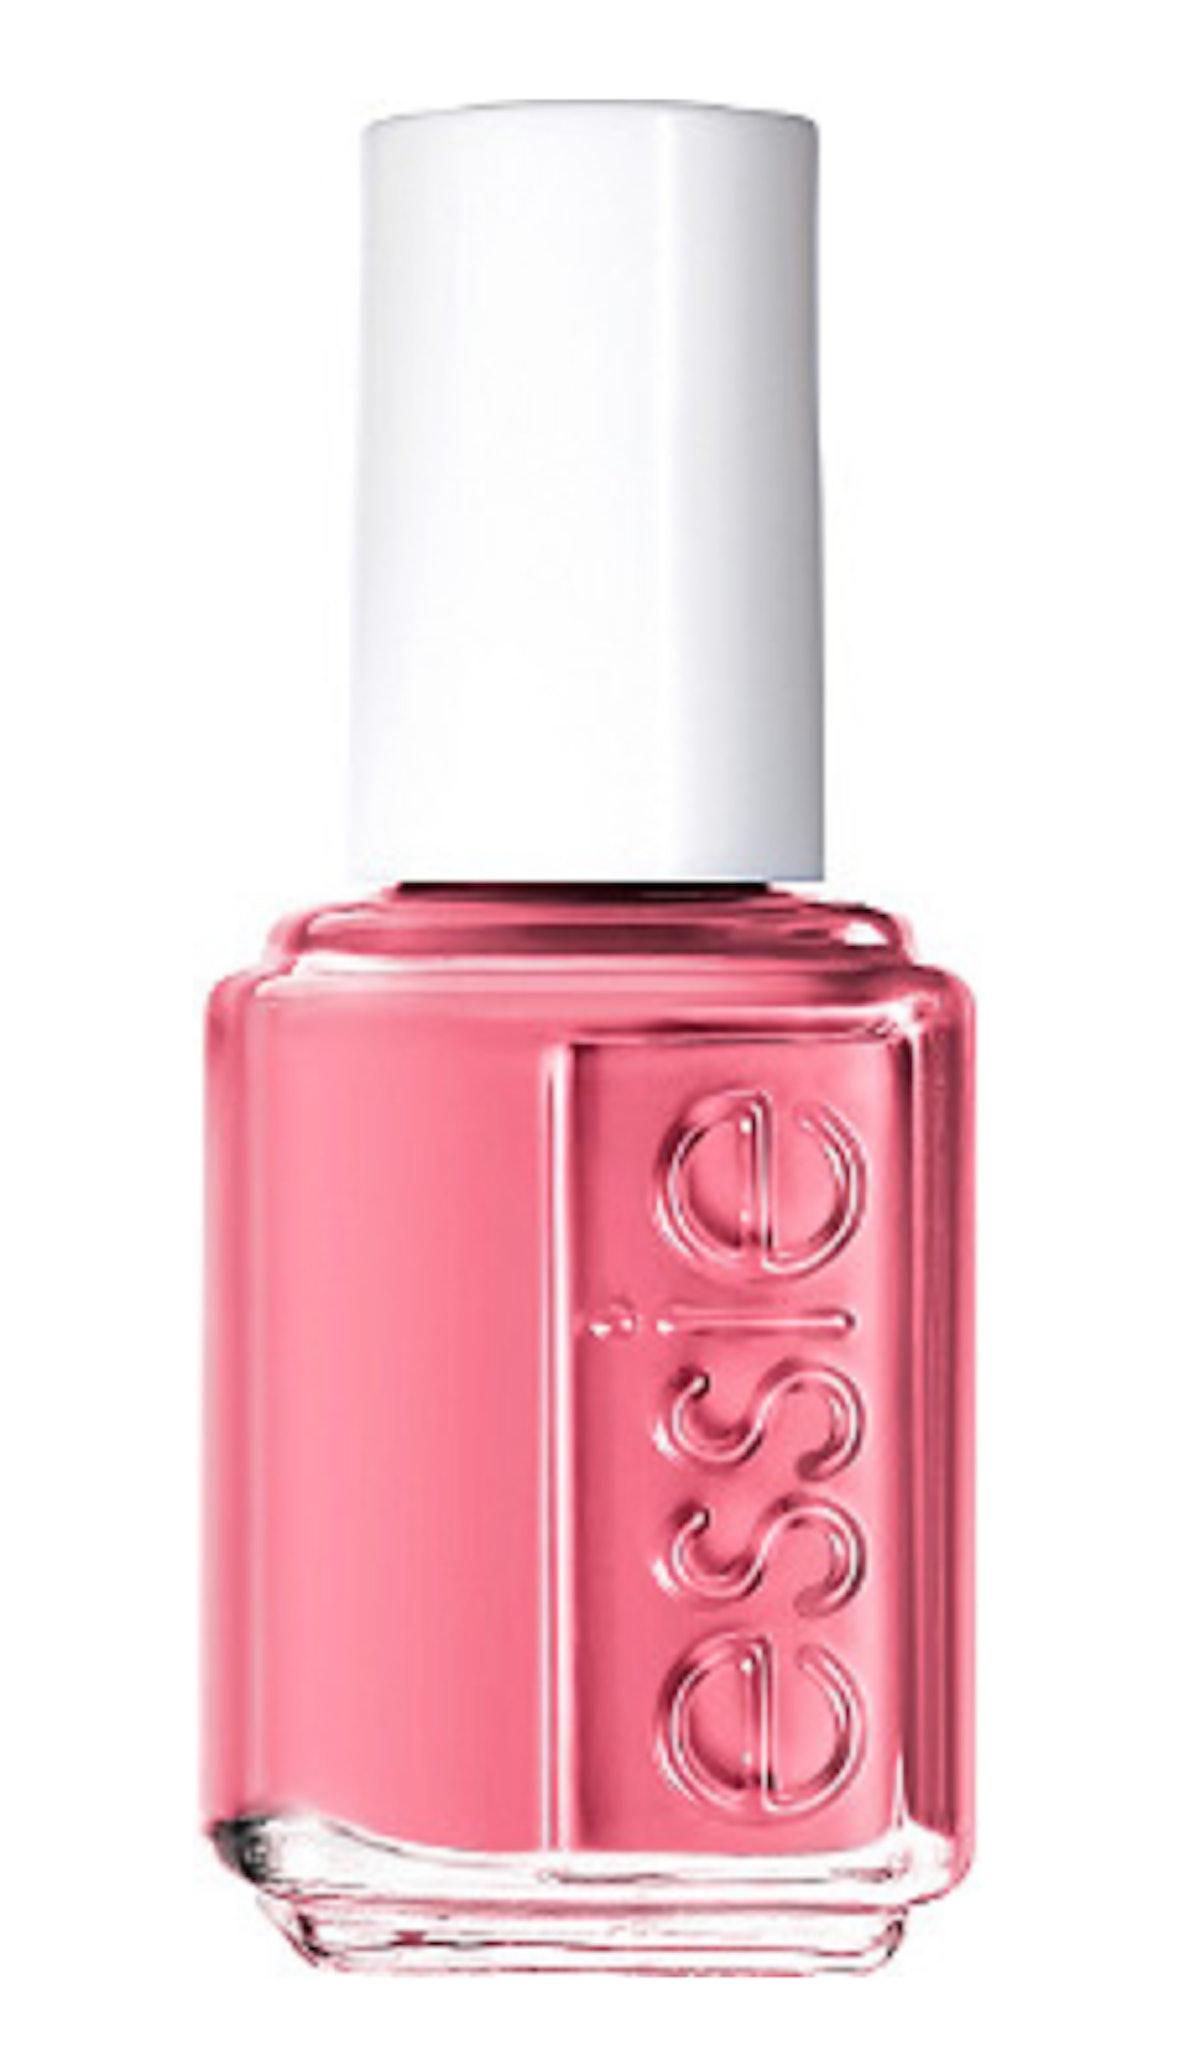 Pin Me Pink Nail Polish